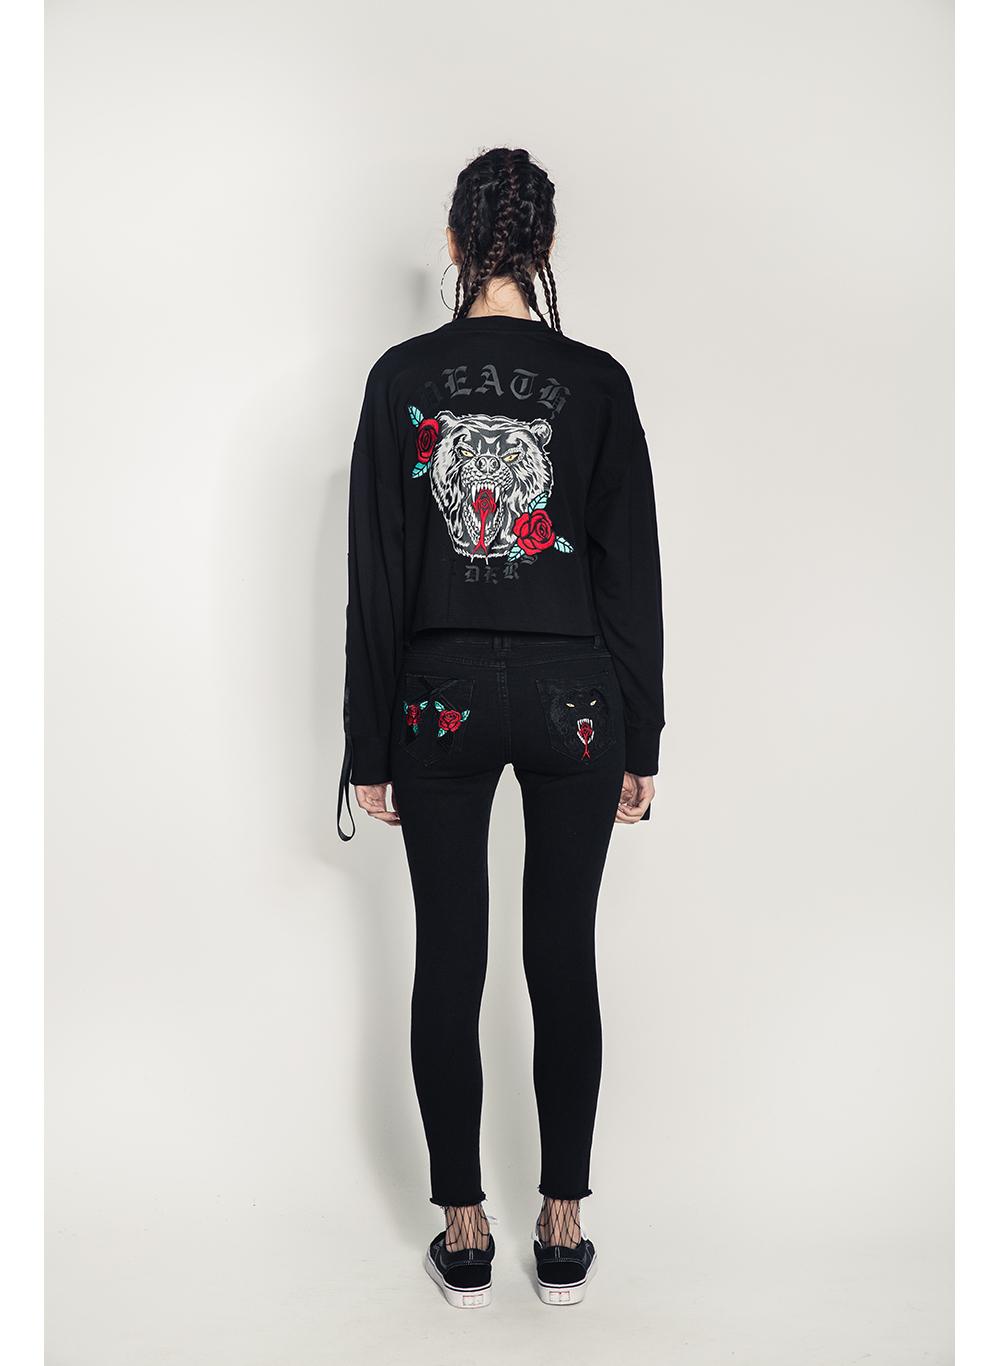 Floral Death Adder Women's Pullover Crop Crewneck